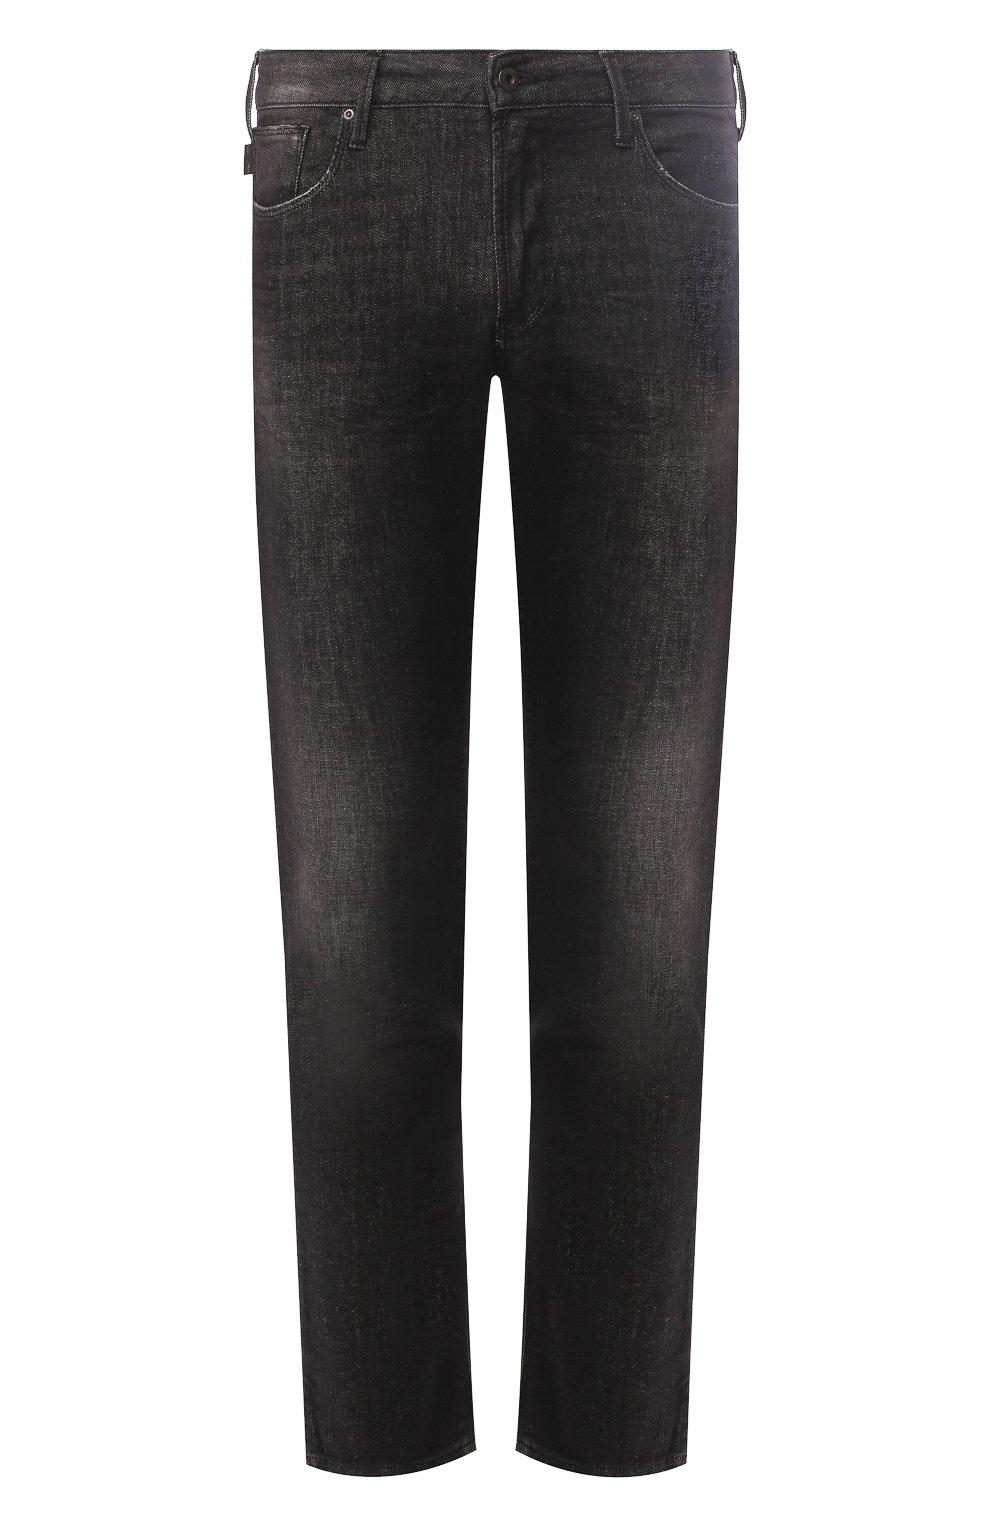 Мужские джинсы прямого кроя EMPORIO ARMANI серого цвета, арт. 8N1J06/1DT5Z | Фото 1 (Силуэт М (брюки): Прямые; Длина (брюки, джинсы): Стандартные; Материал внешний: Хлопок)